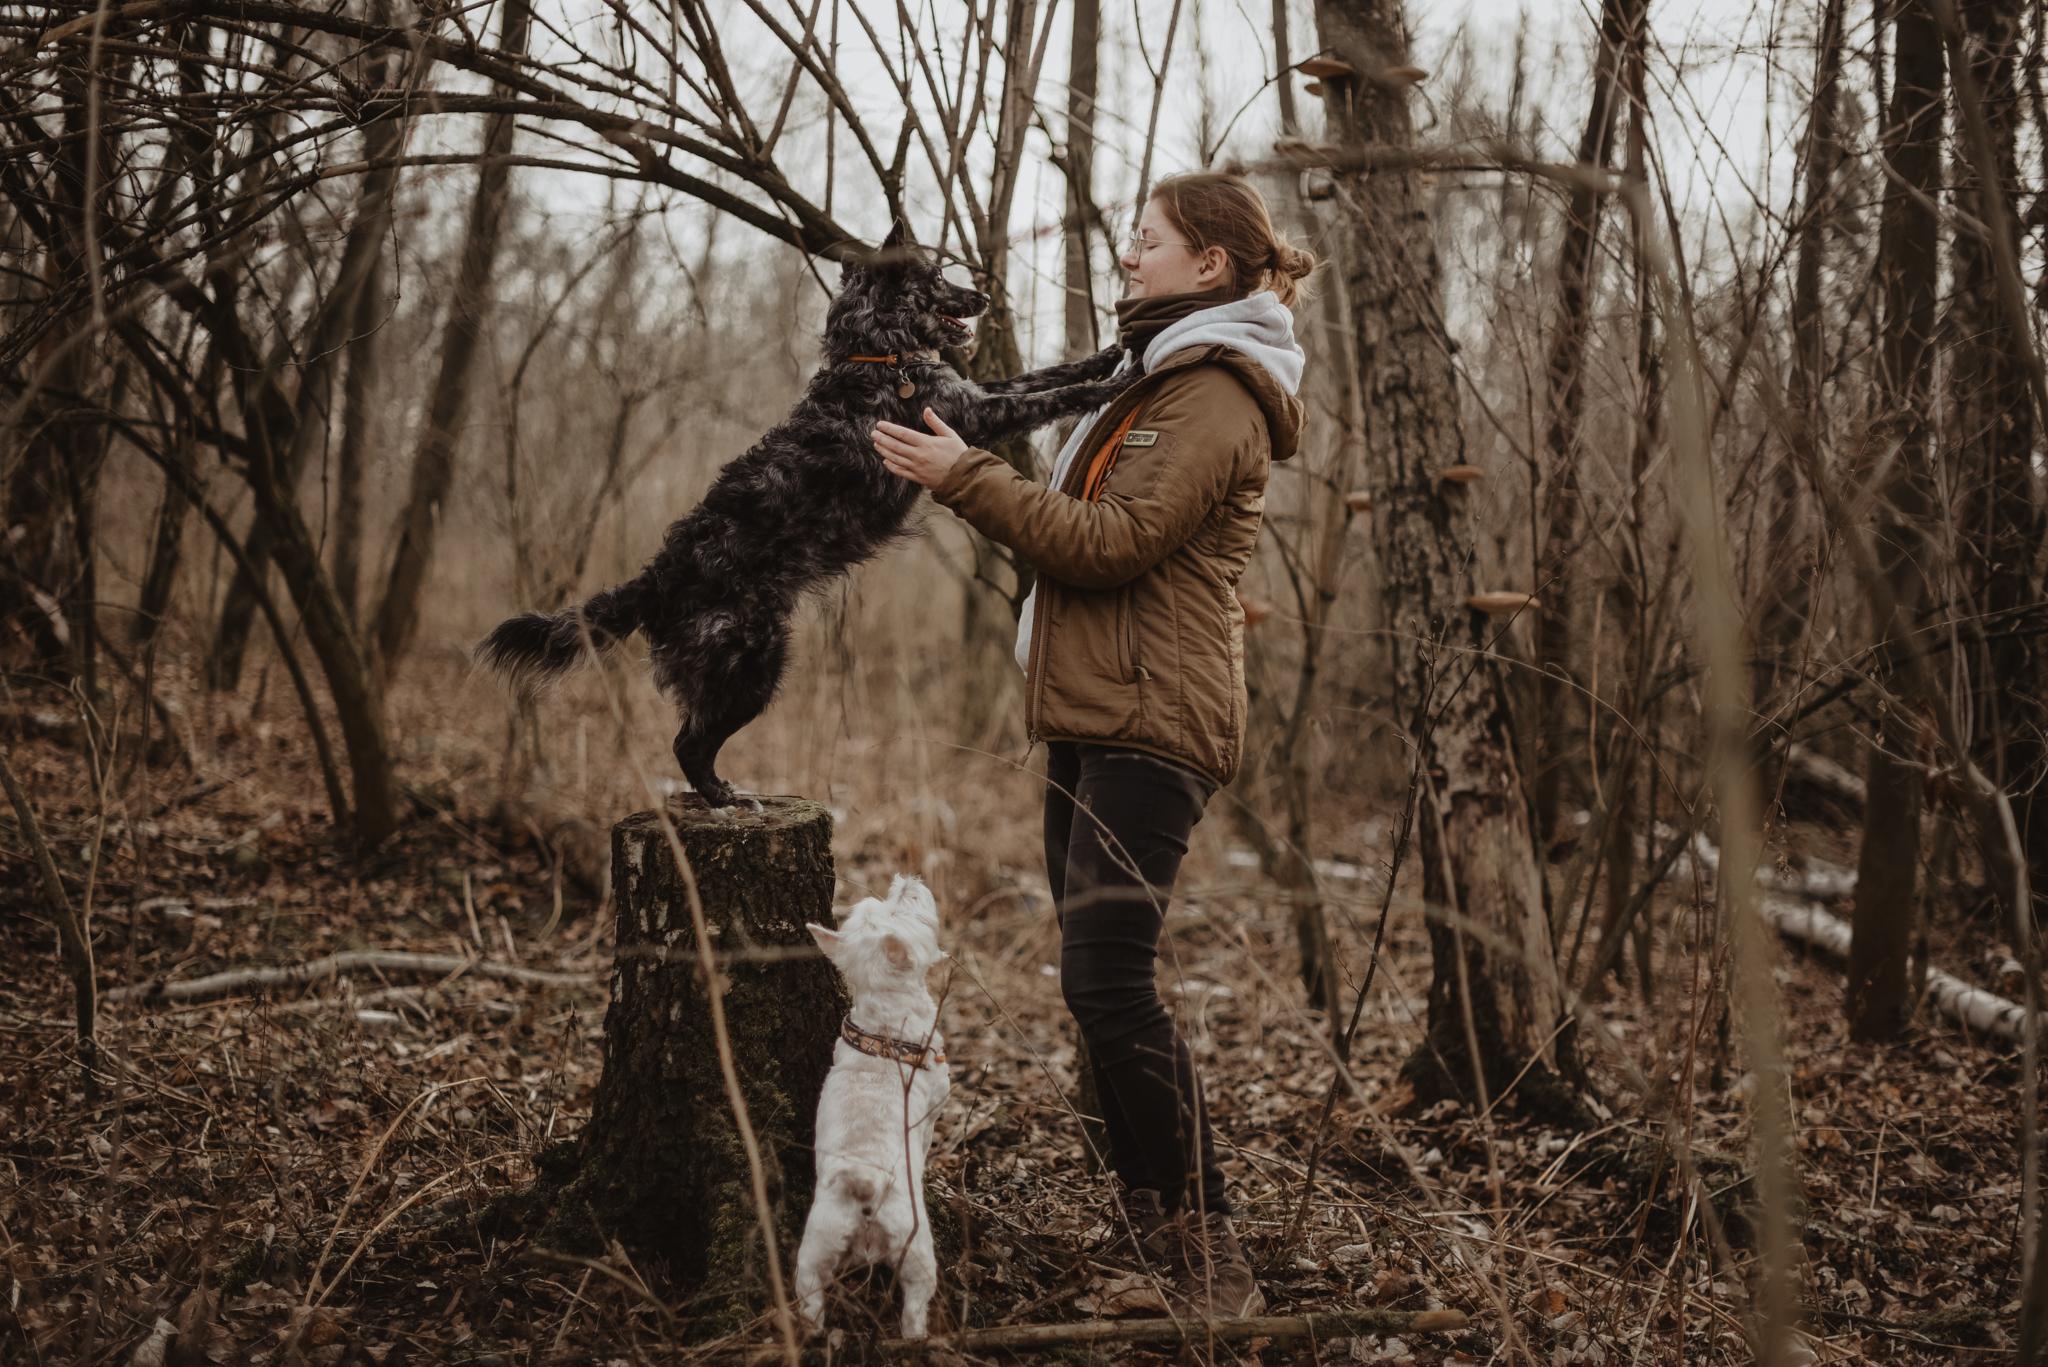 Magda i Krakers, dziewczyna z psem podczas spaceru po lesie